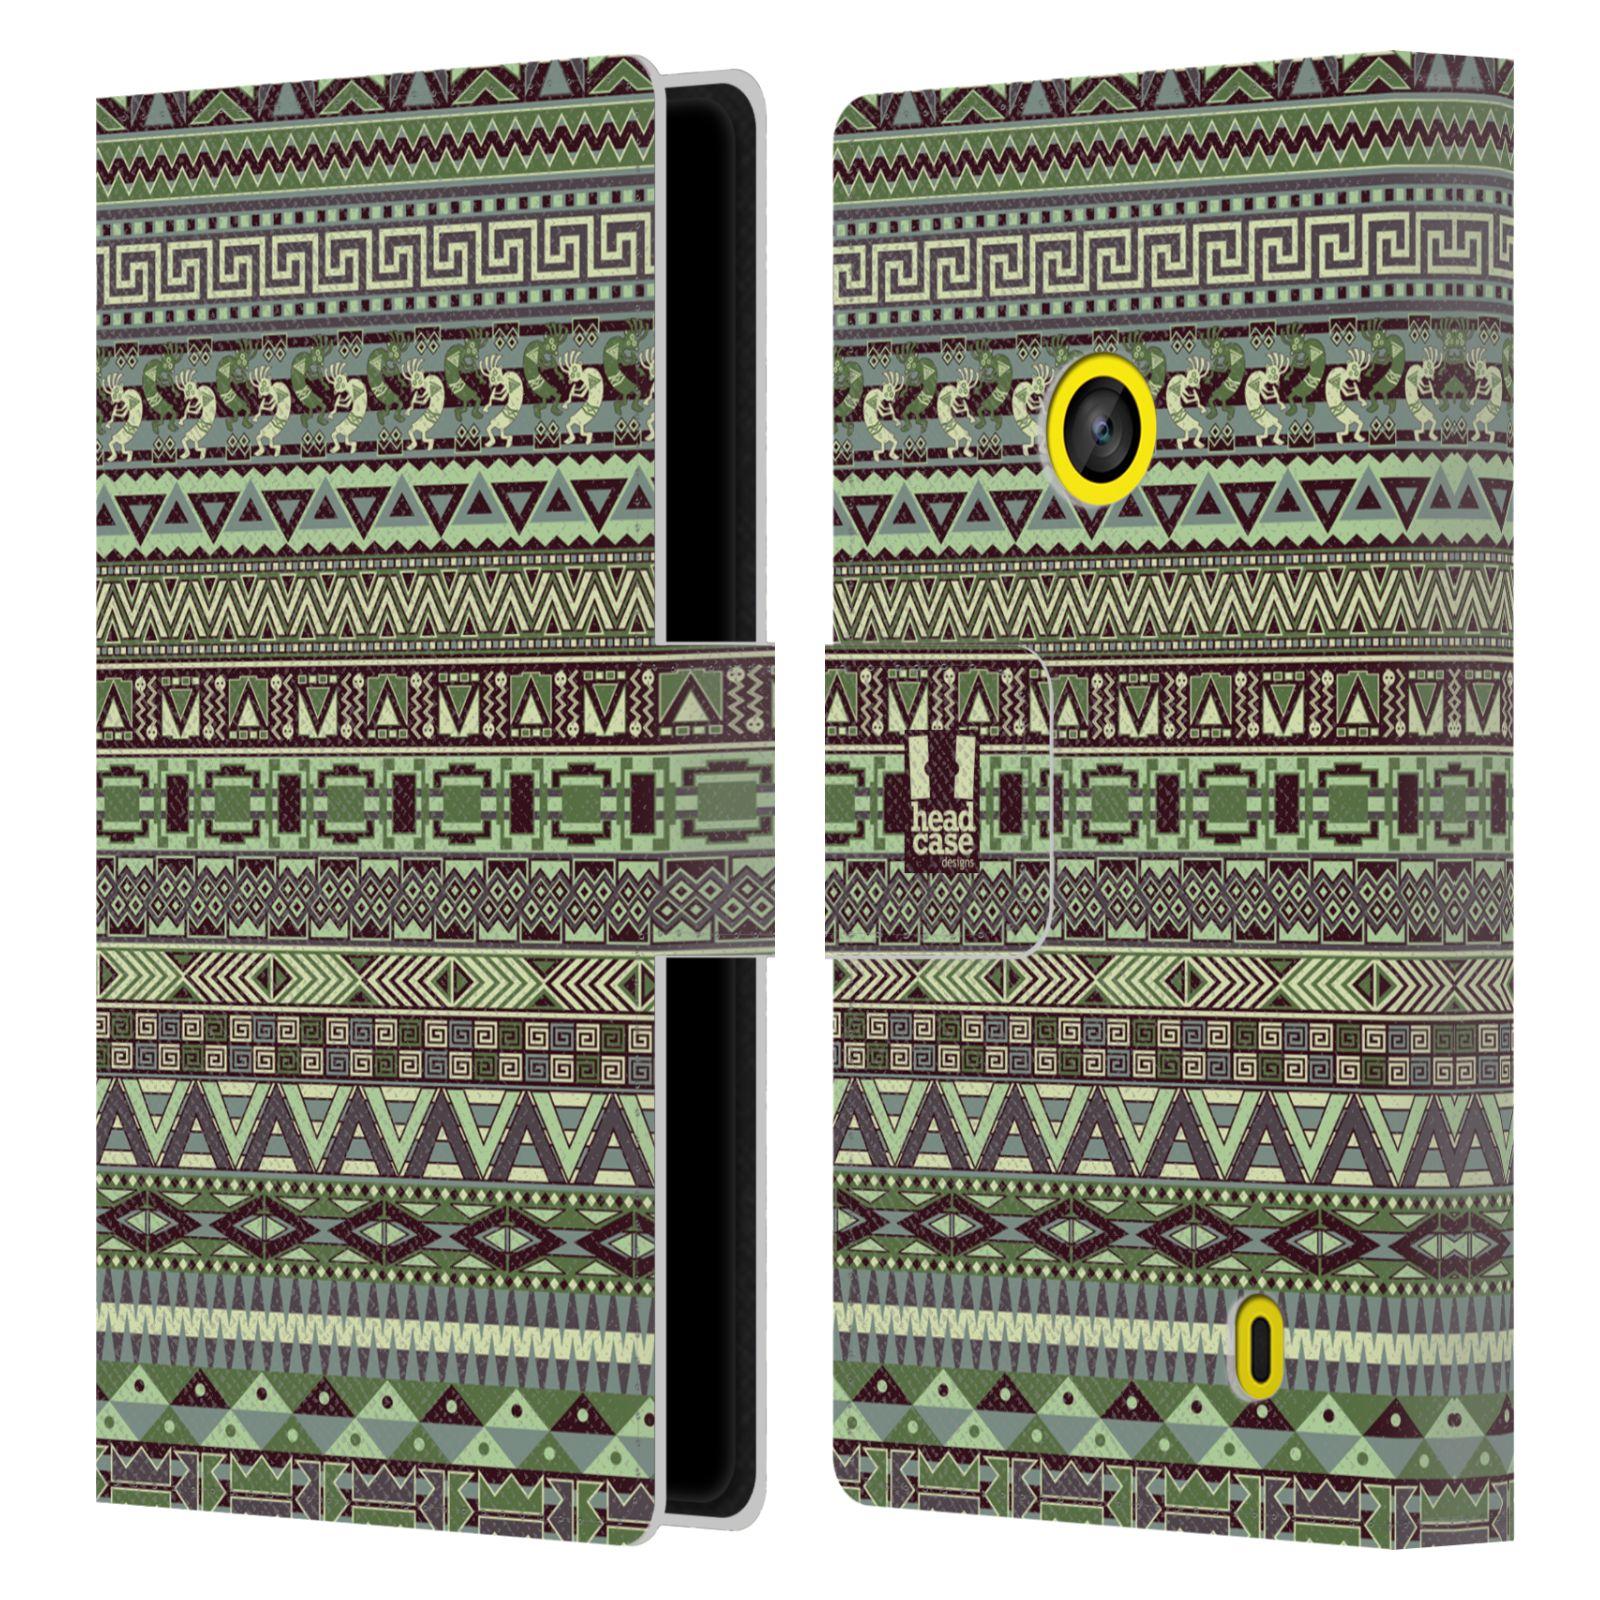 HEAD CASE Flipové pouzdro pro mobil NOKIA LUMIA 520 / 525 Indiánský vzor GREEN zelená